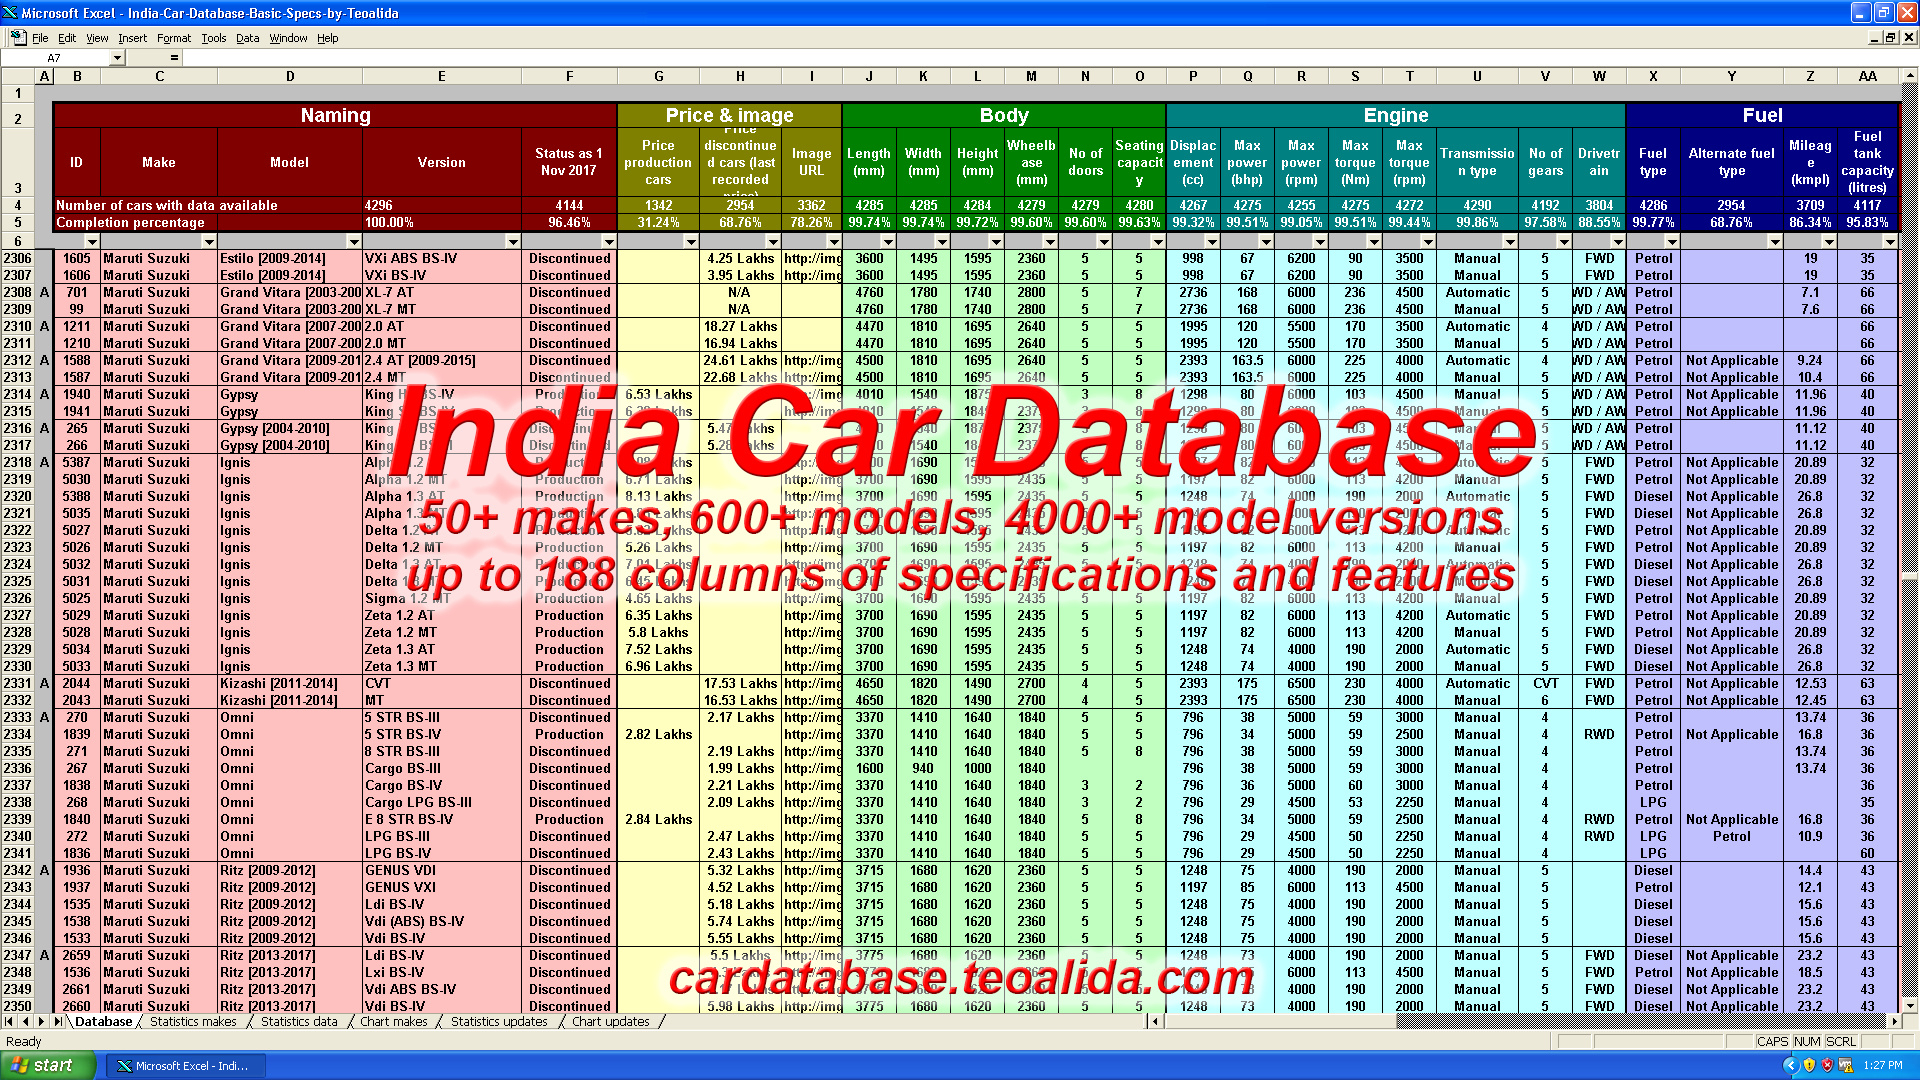 Ncci Edits Excel Spreadsheet Inside Ncci Edits Excel Spreadsheet – Spreadsheet Collections